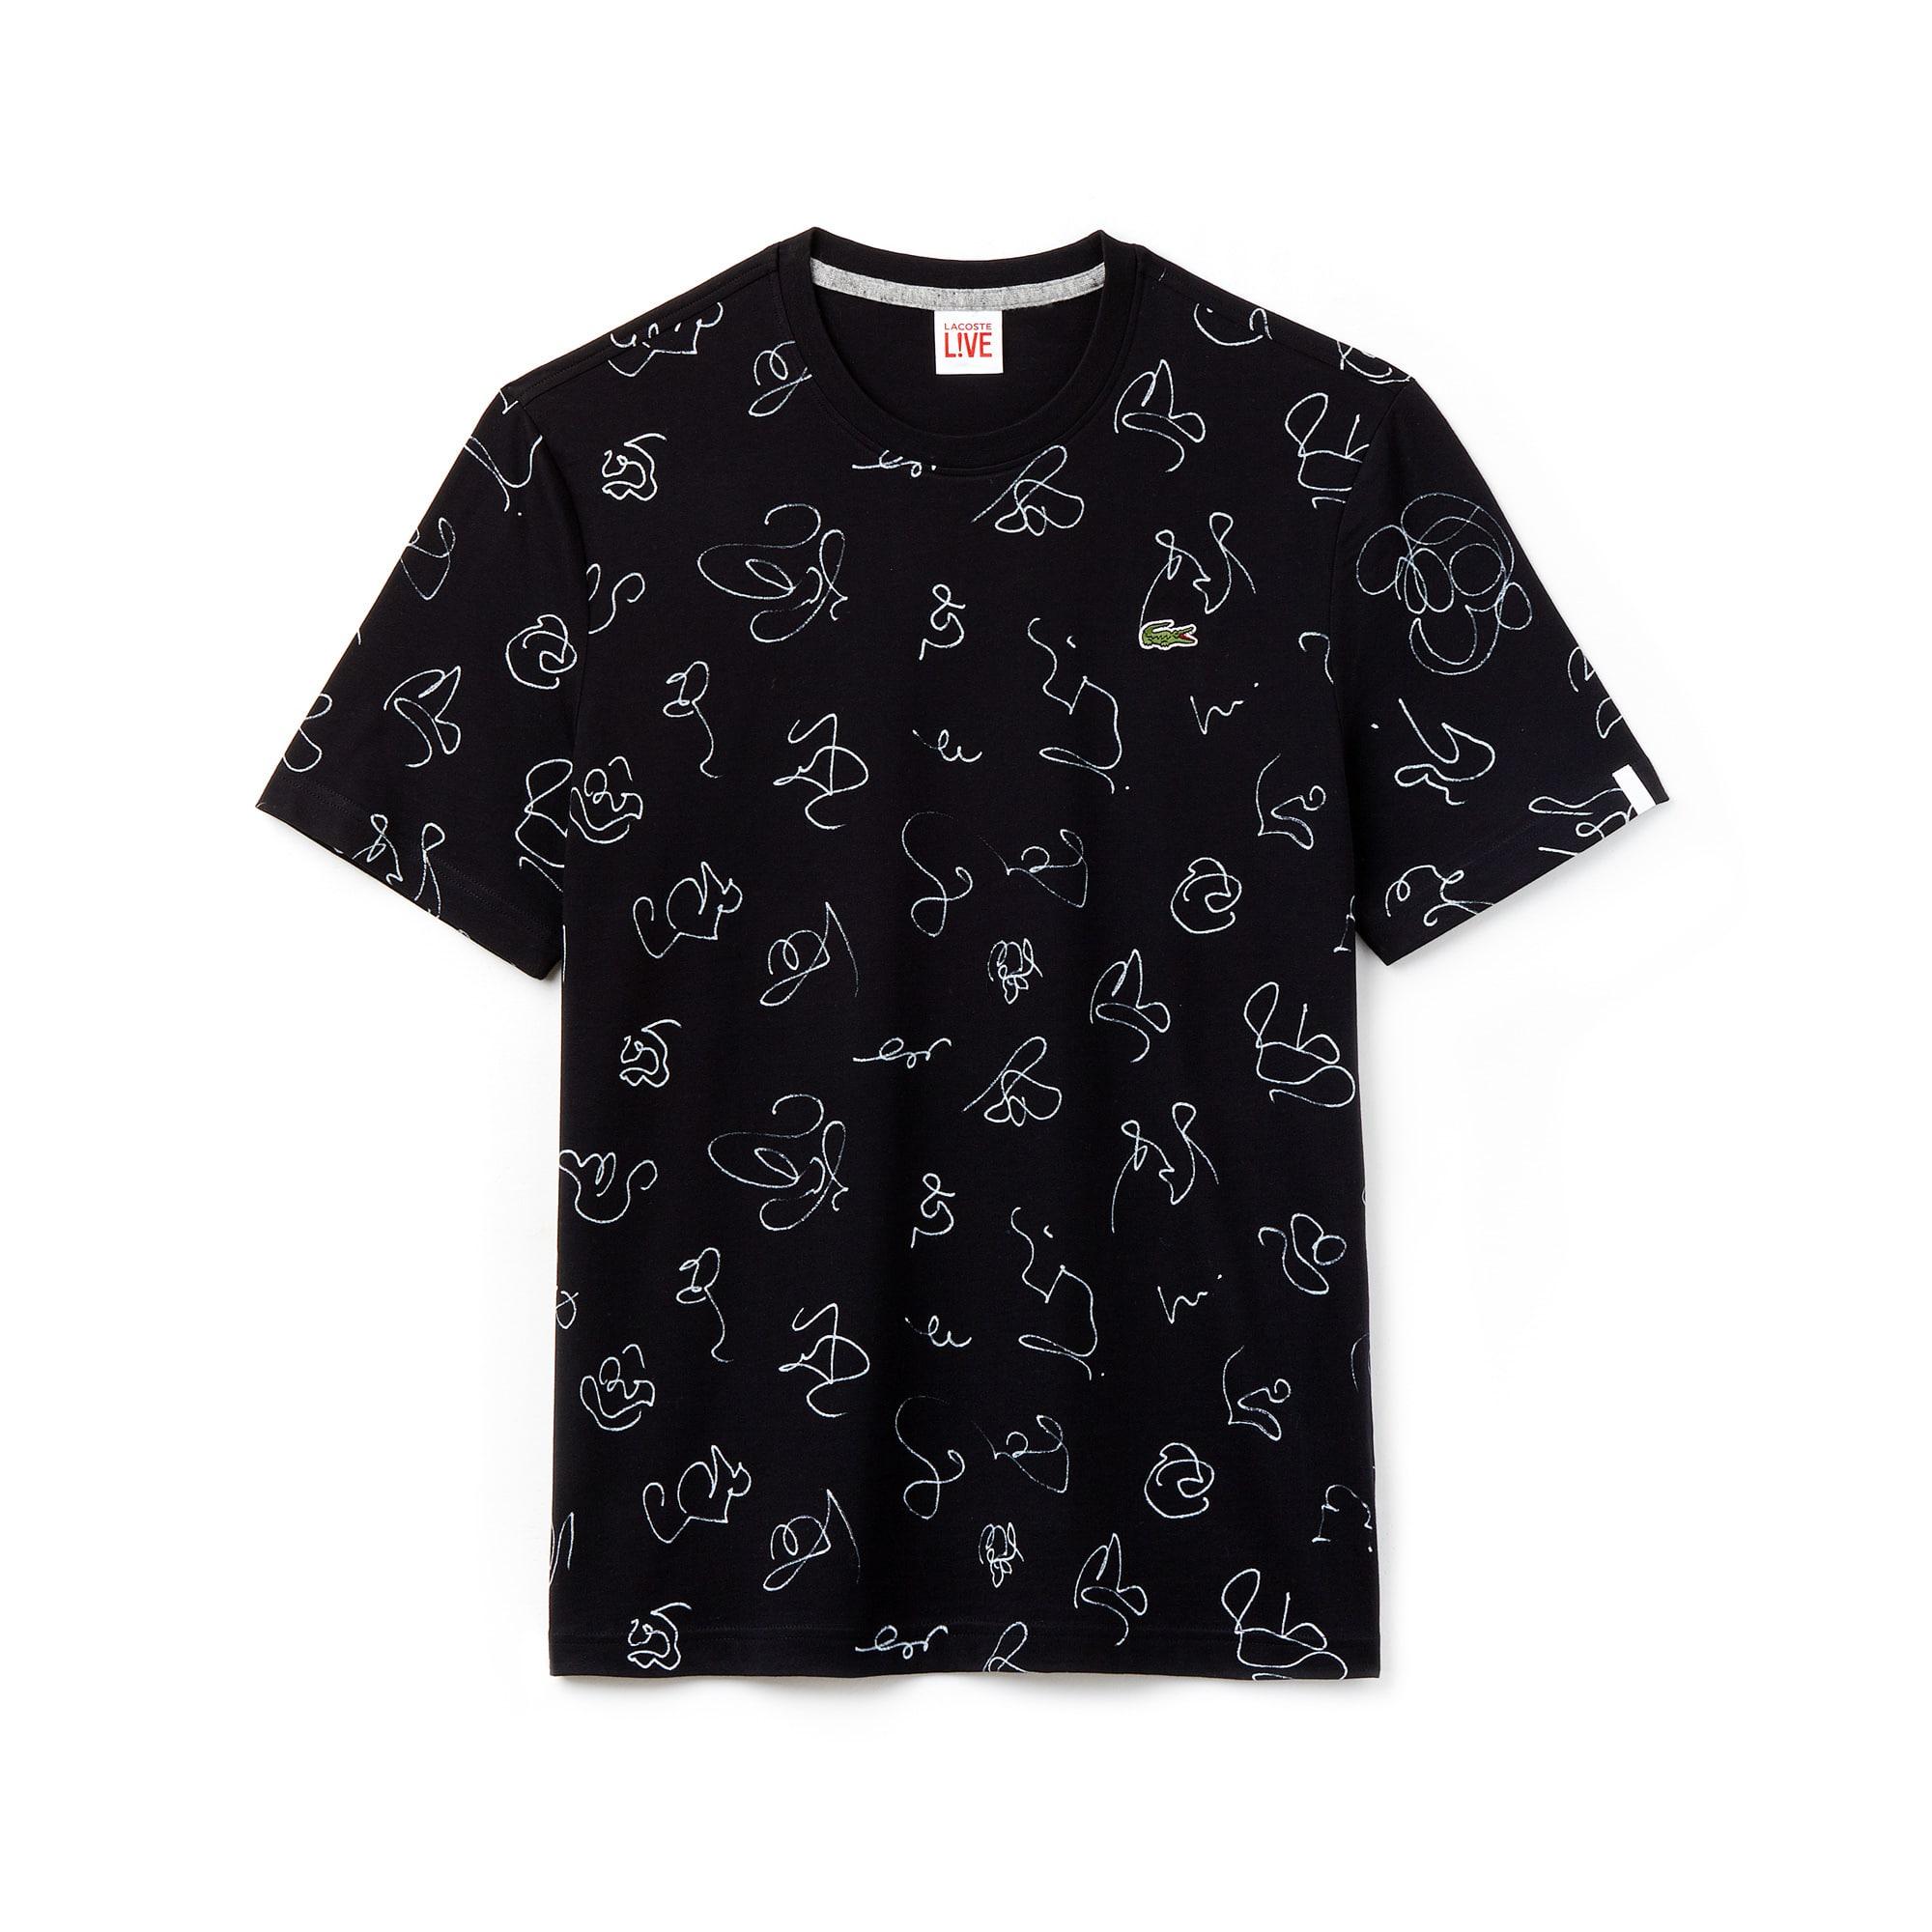 T-shirt col rond Lacoste LIVE en jersey de coton imprimé dessins